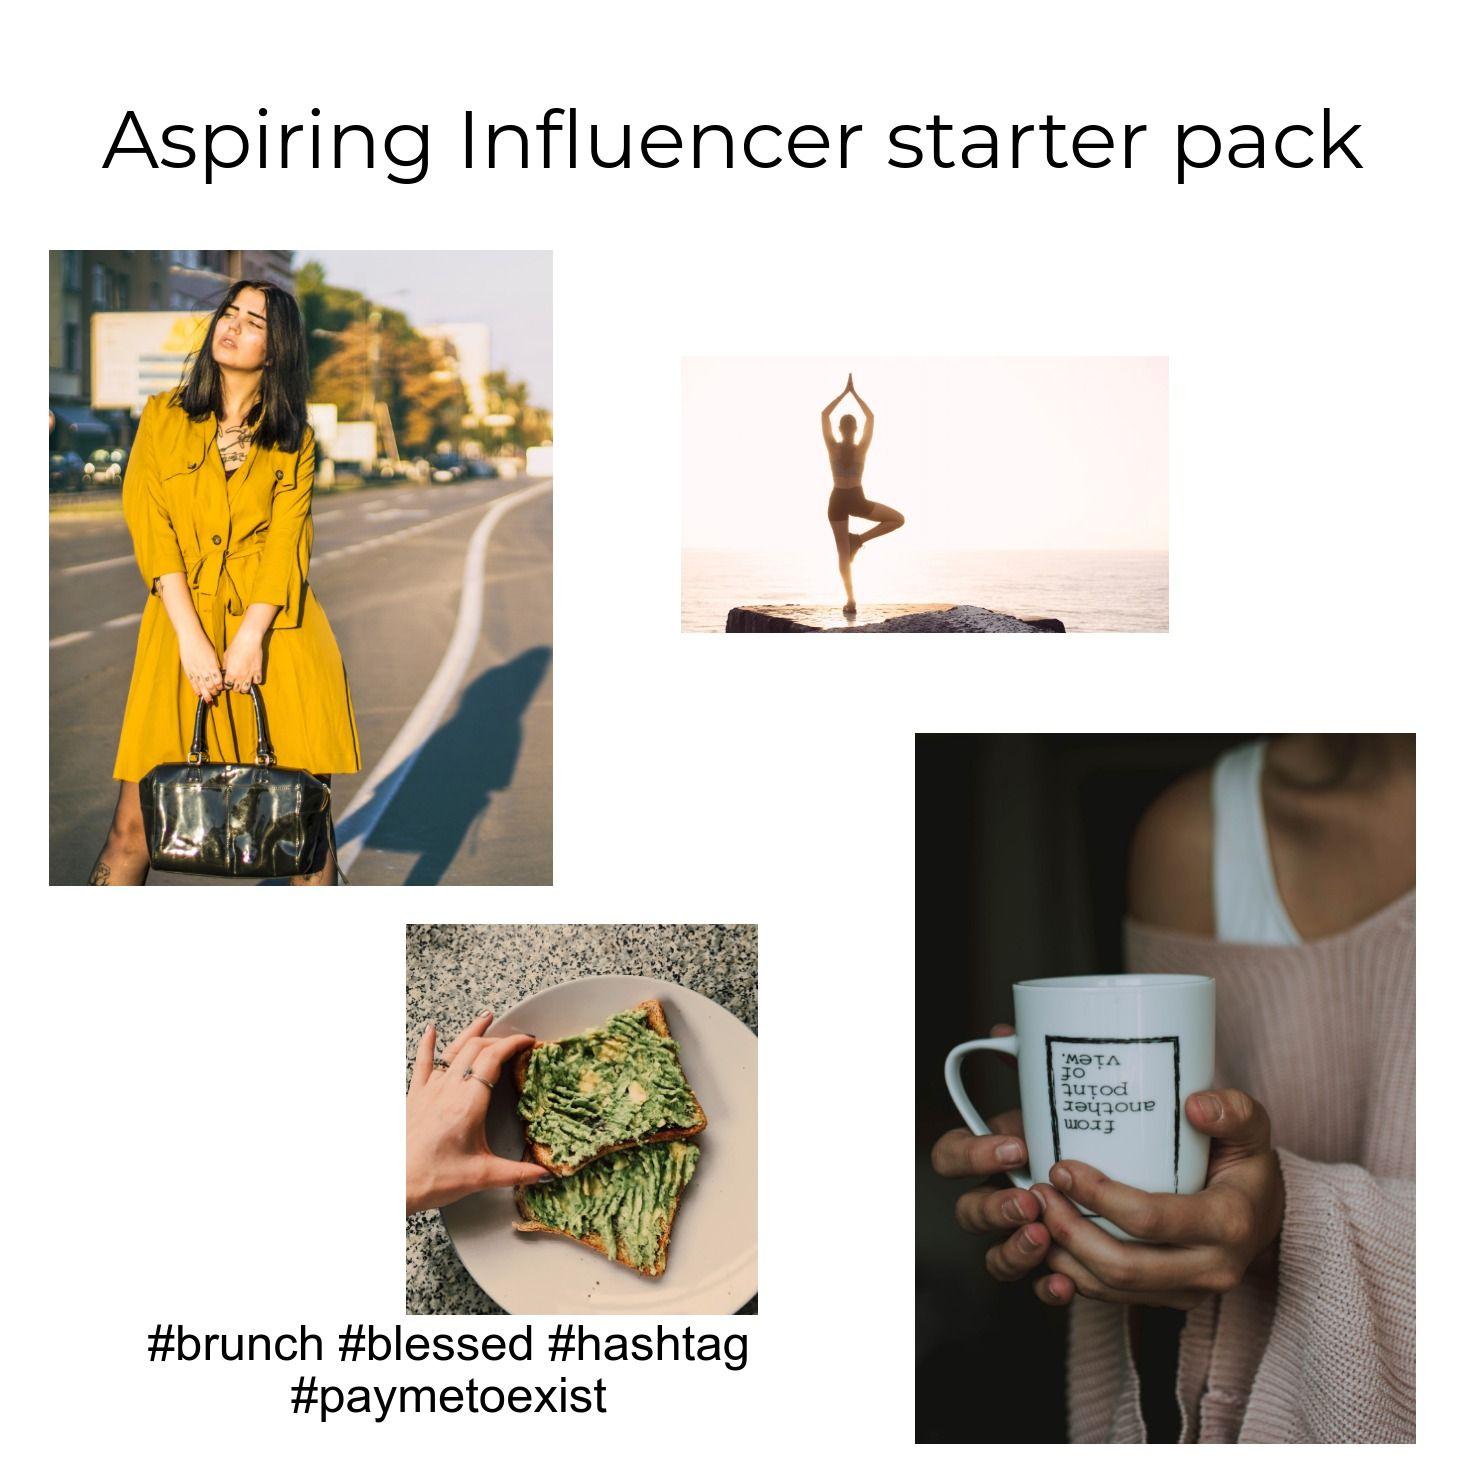 Aspiring-Influencer-Starter-Pack-Meme